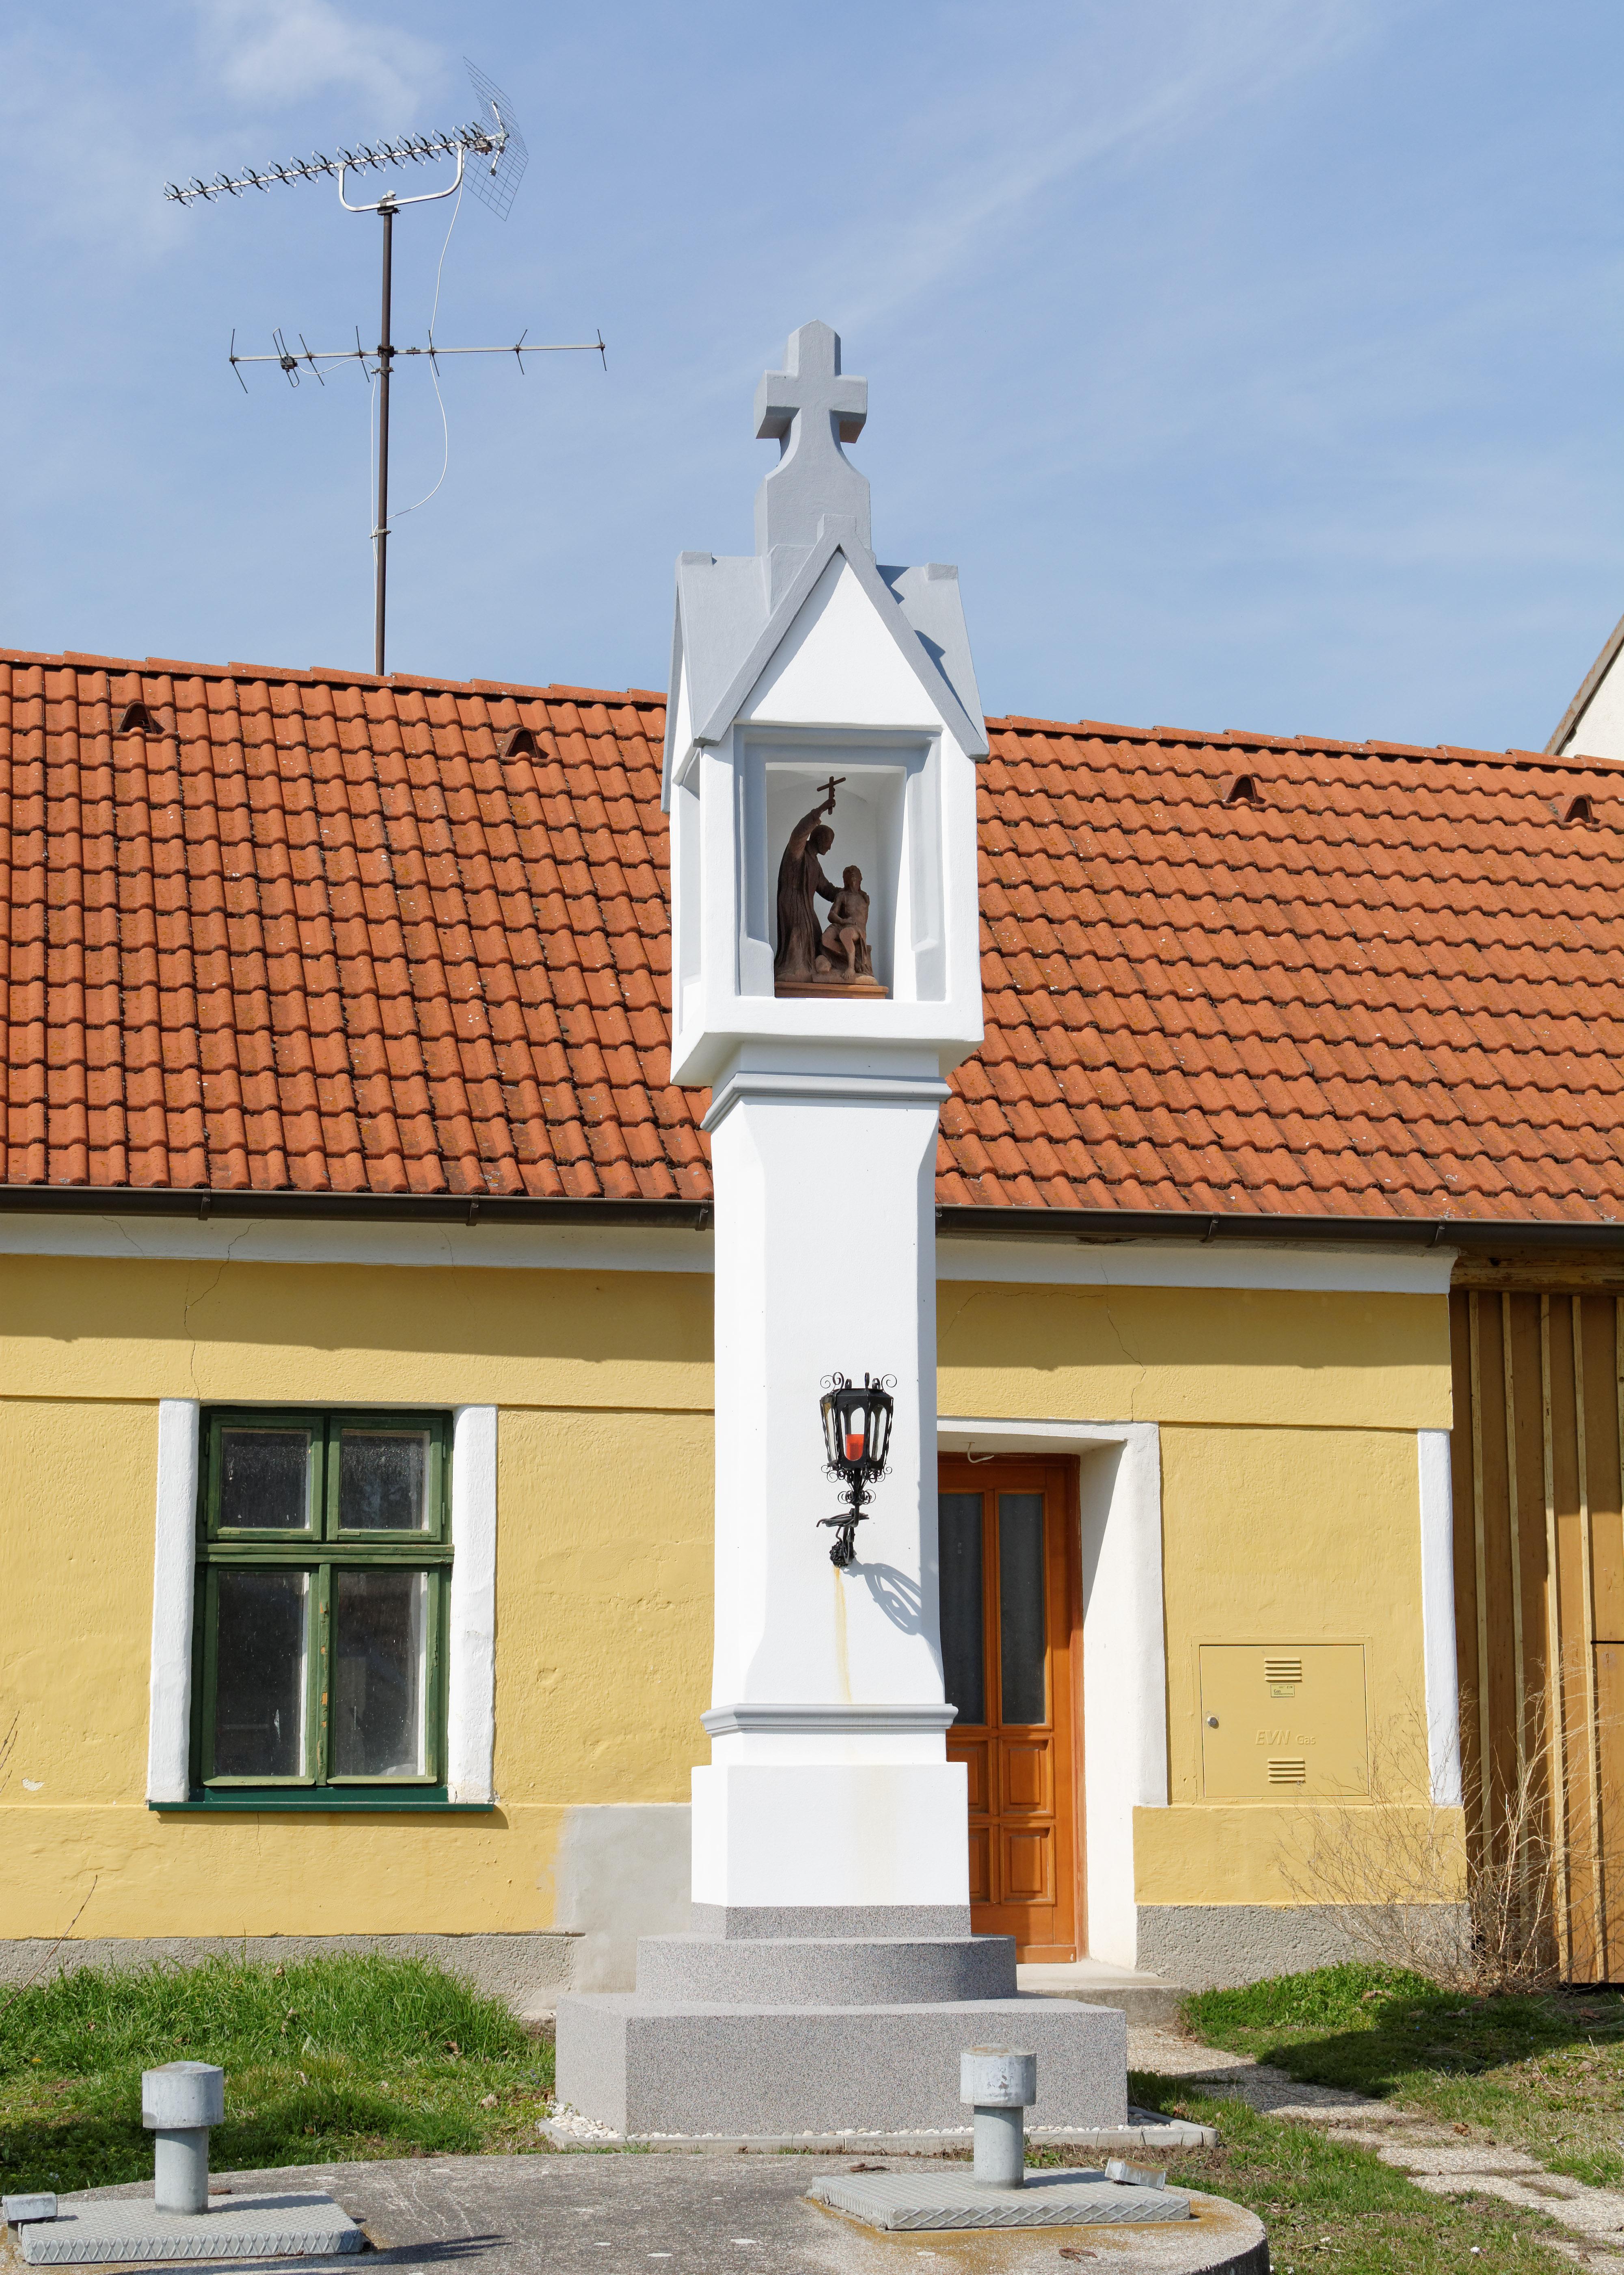 Kupfer-Dachl, Restaurant und Wohlfhlzimmer - Katzelsdorf